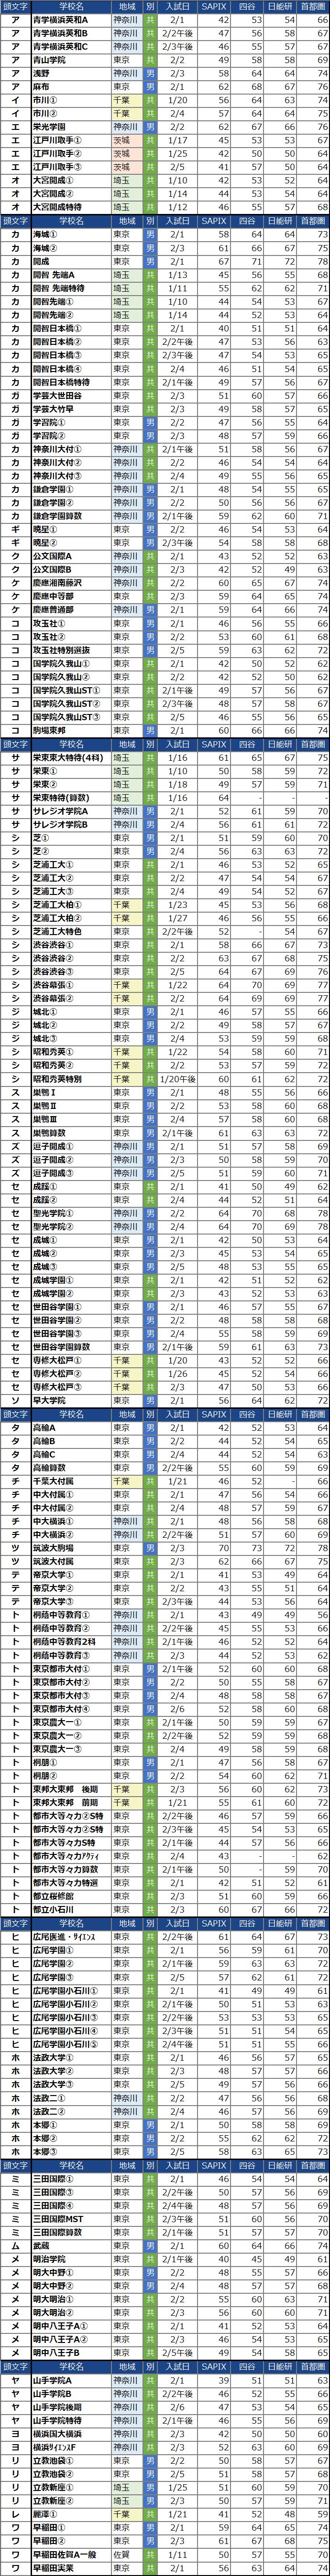 あいうえお順の男子校偏差値(2022年度)